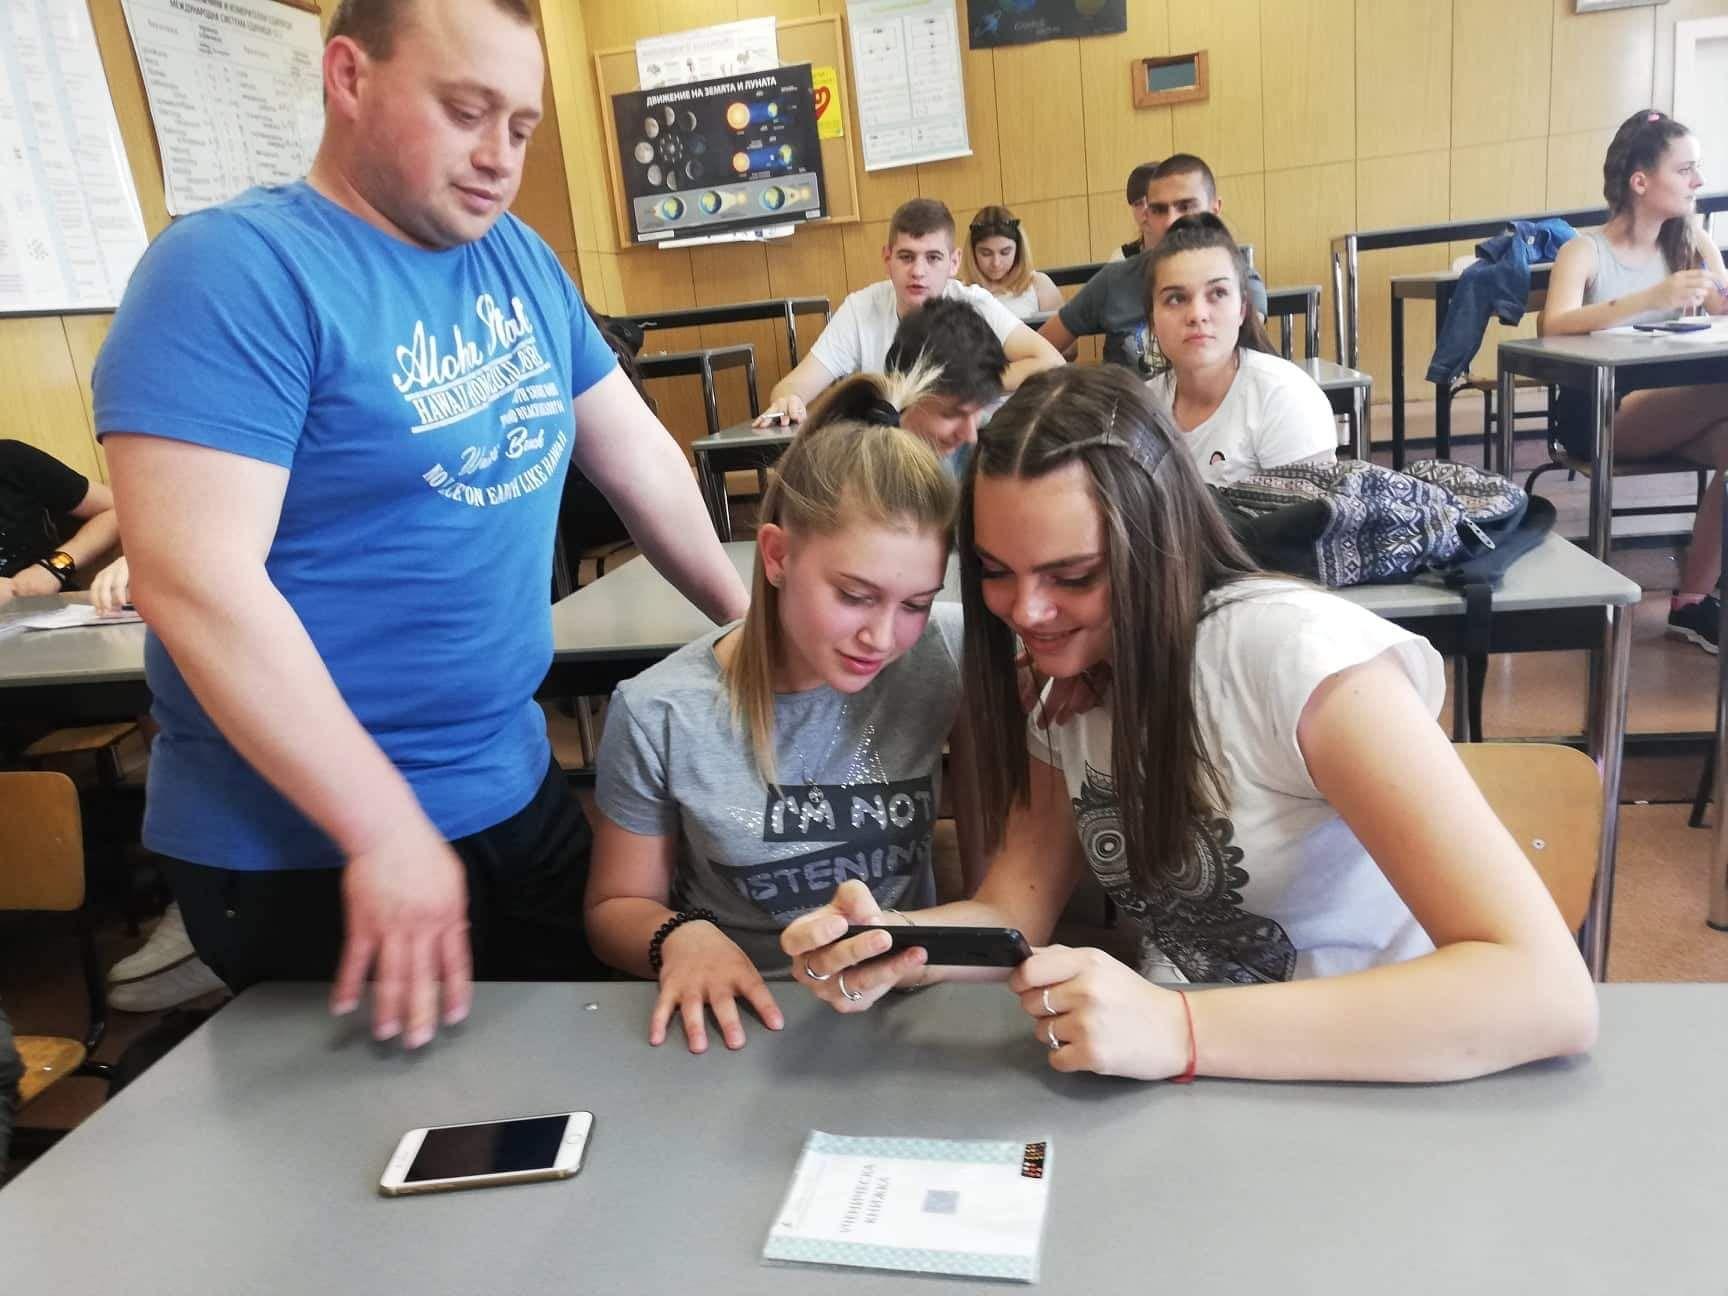 Според Владимир Донов, мобилните устройства могат да бъдат средство за надграждане на знания